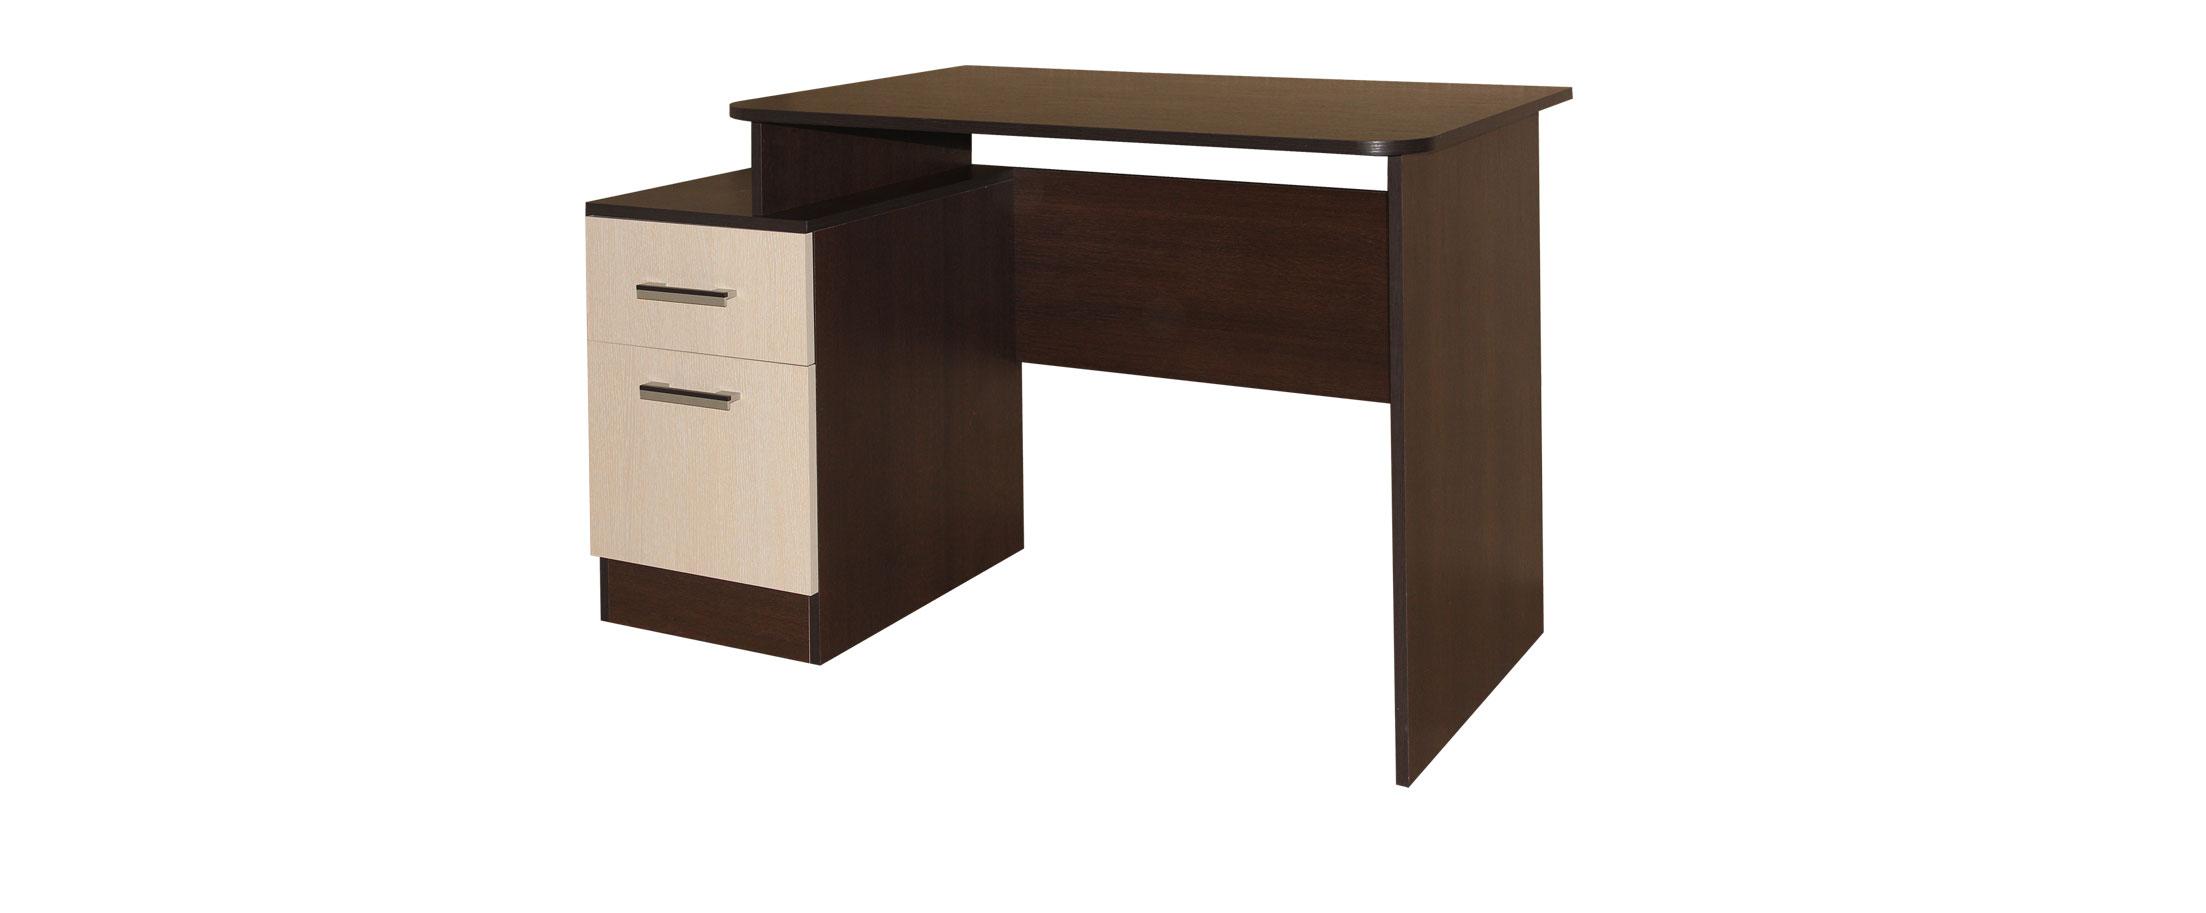 Стол комбинированный Дебют-4 Модель 506 от MOON TRADE